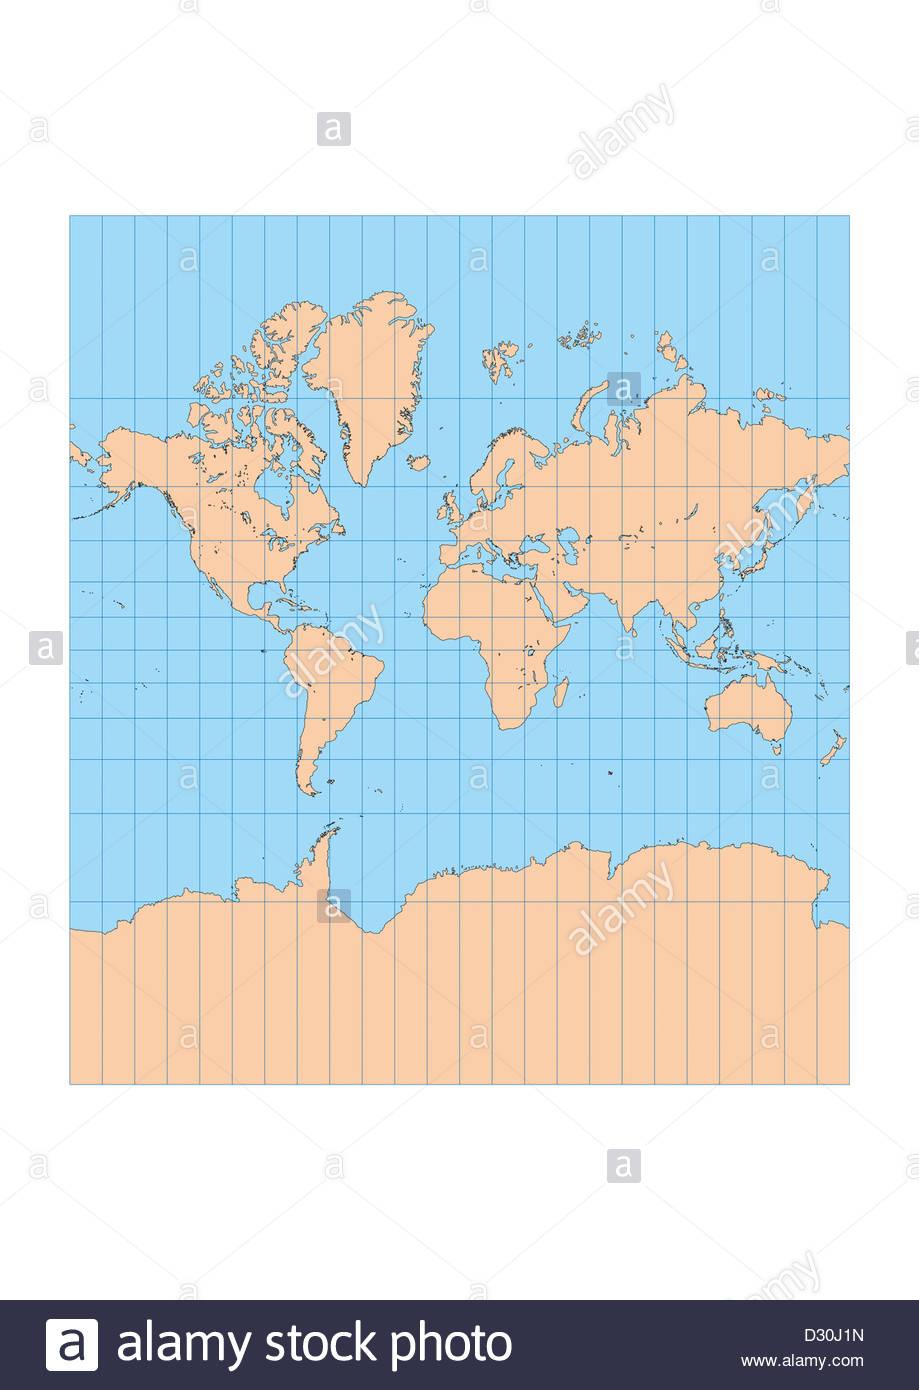 Sehr Hoch Detaillierte Karte Der Welt In Mercator Projektion Mit